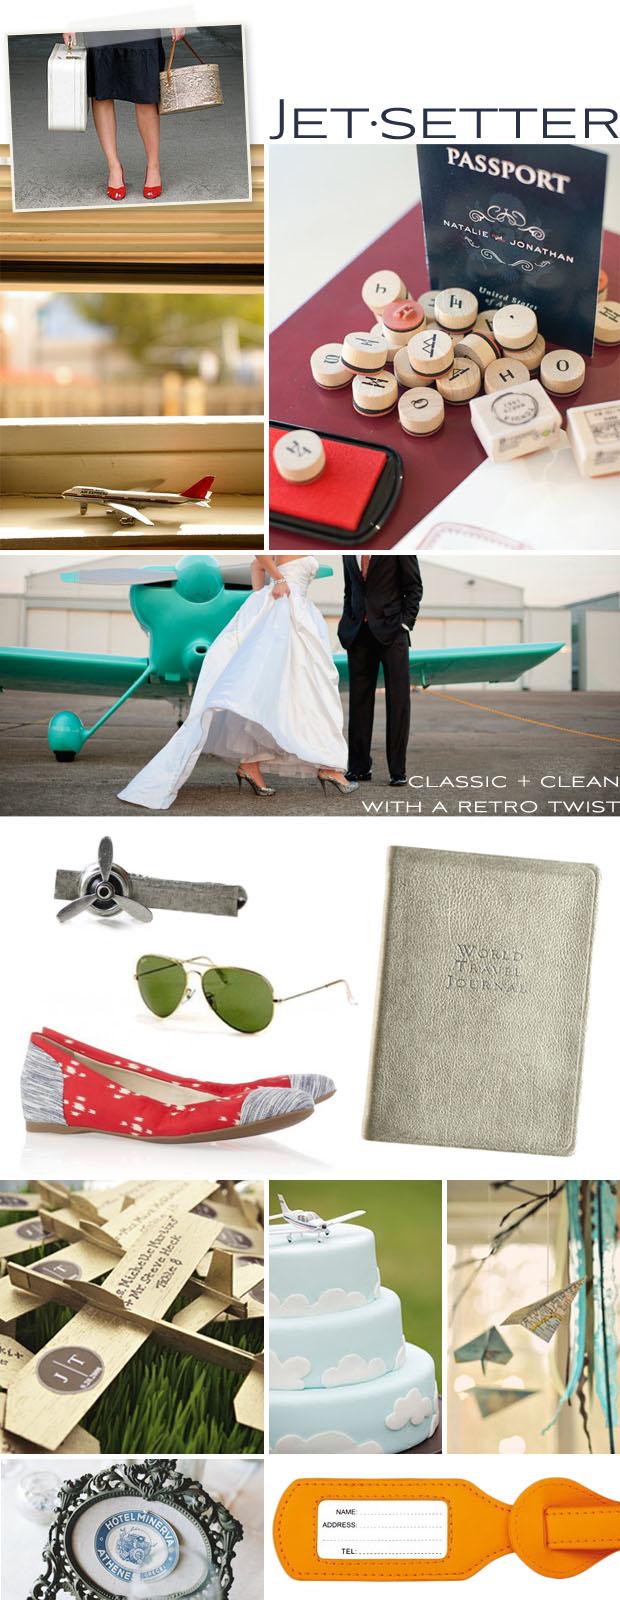 Inspiration Board - Style: Jet-setter